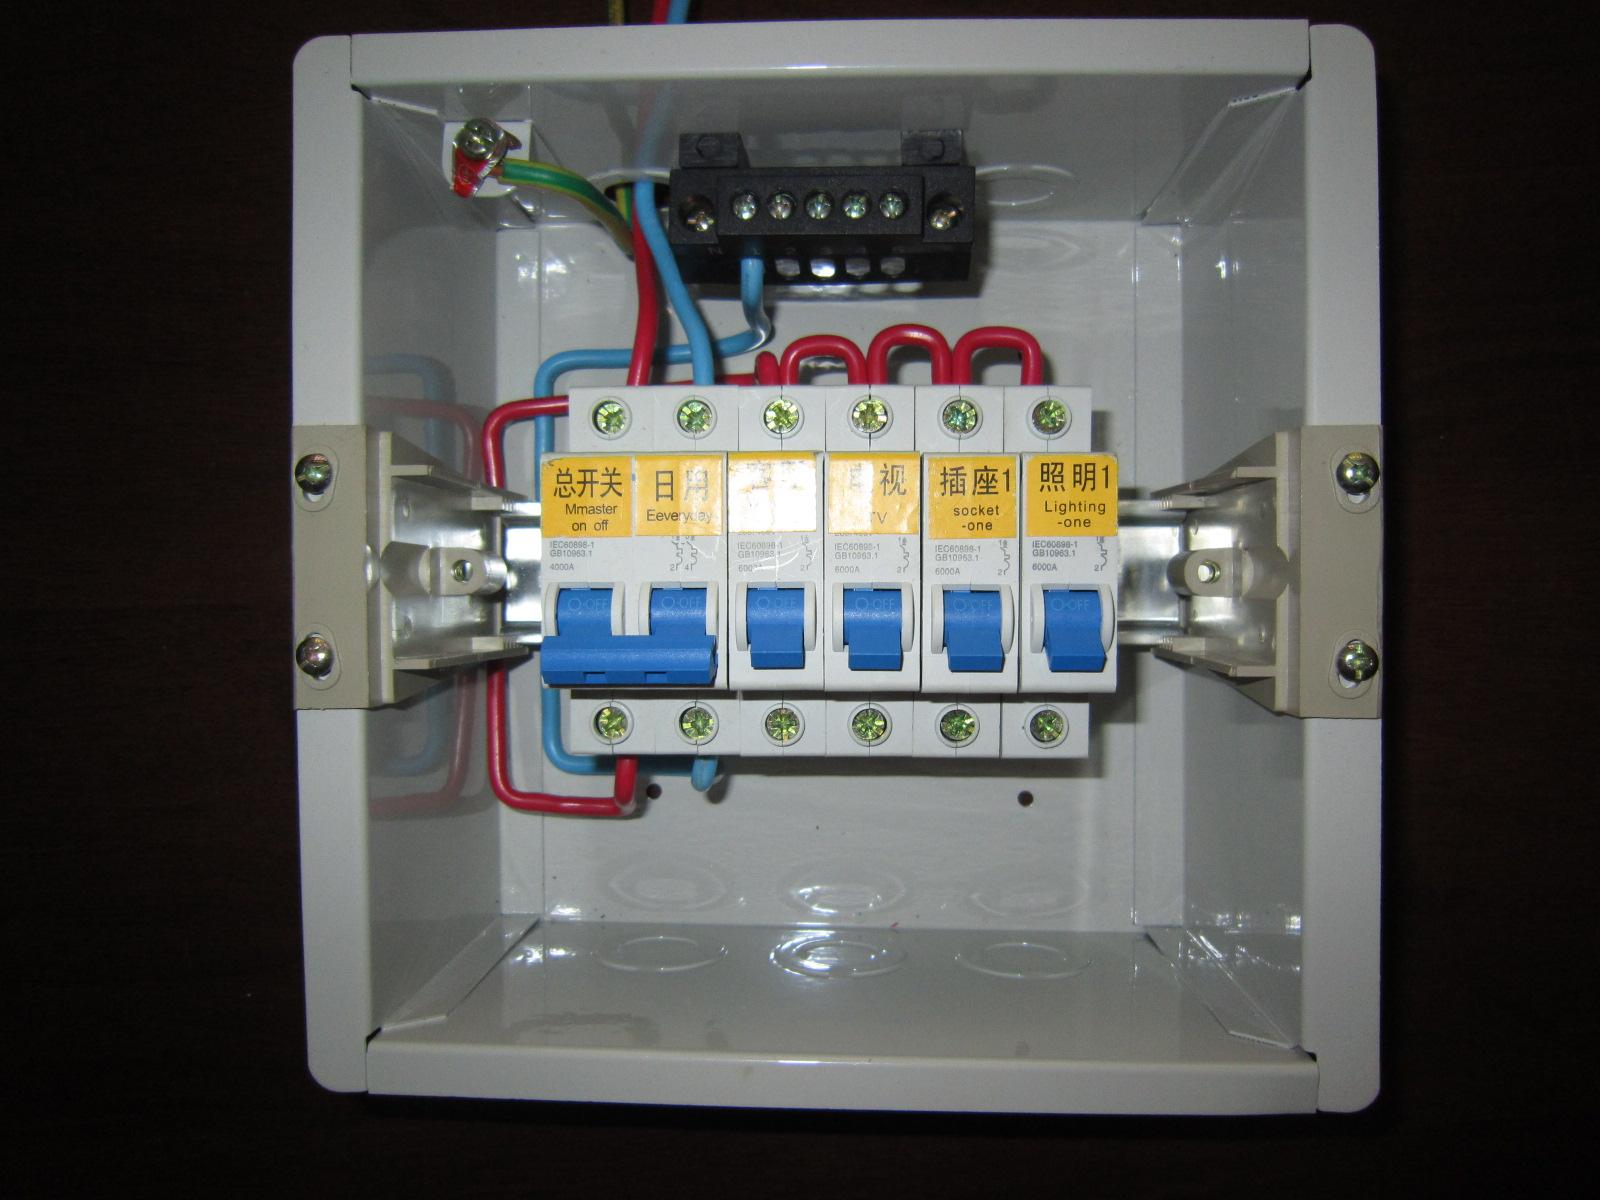 两个箱子都是过时的.不规范.标准的电源箱有三个汇流排,在下部是进线和零线汇流排.竖向的是接地汇流排.用户只需要接进线和用户线.配电箱内其他线都是配置好的.配置如下: 1进线三根线内部相线零线接漏电开关,返回来的线零线接汇流排;相线接用户线.地线引到接地汇流排. 2用户线相线接开关,零线和地线分别接零线和地线的汇流排.